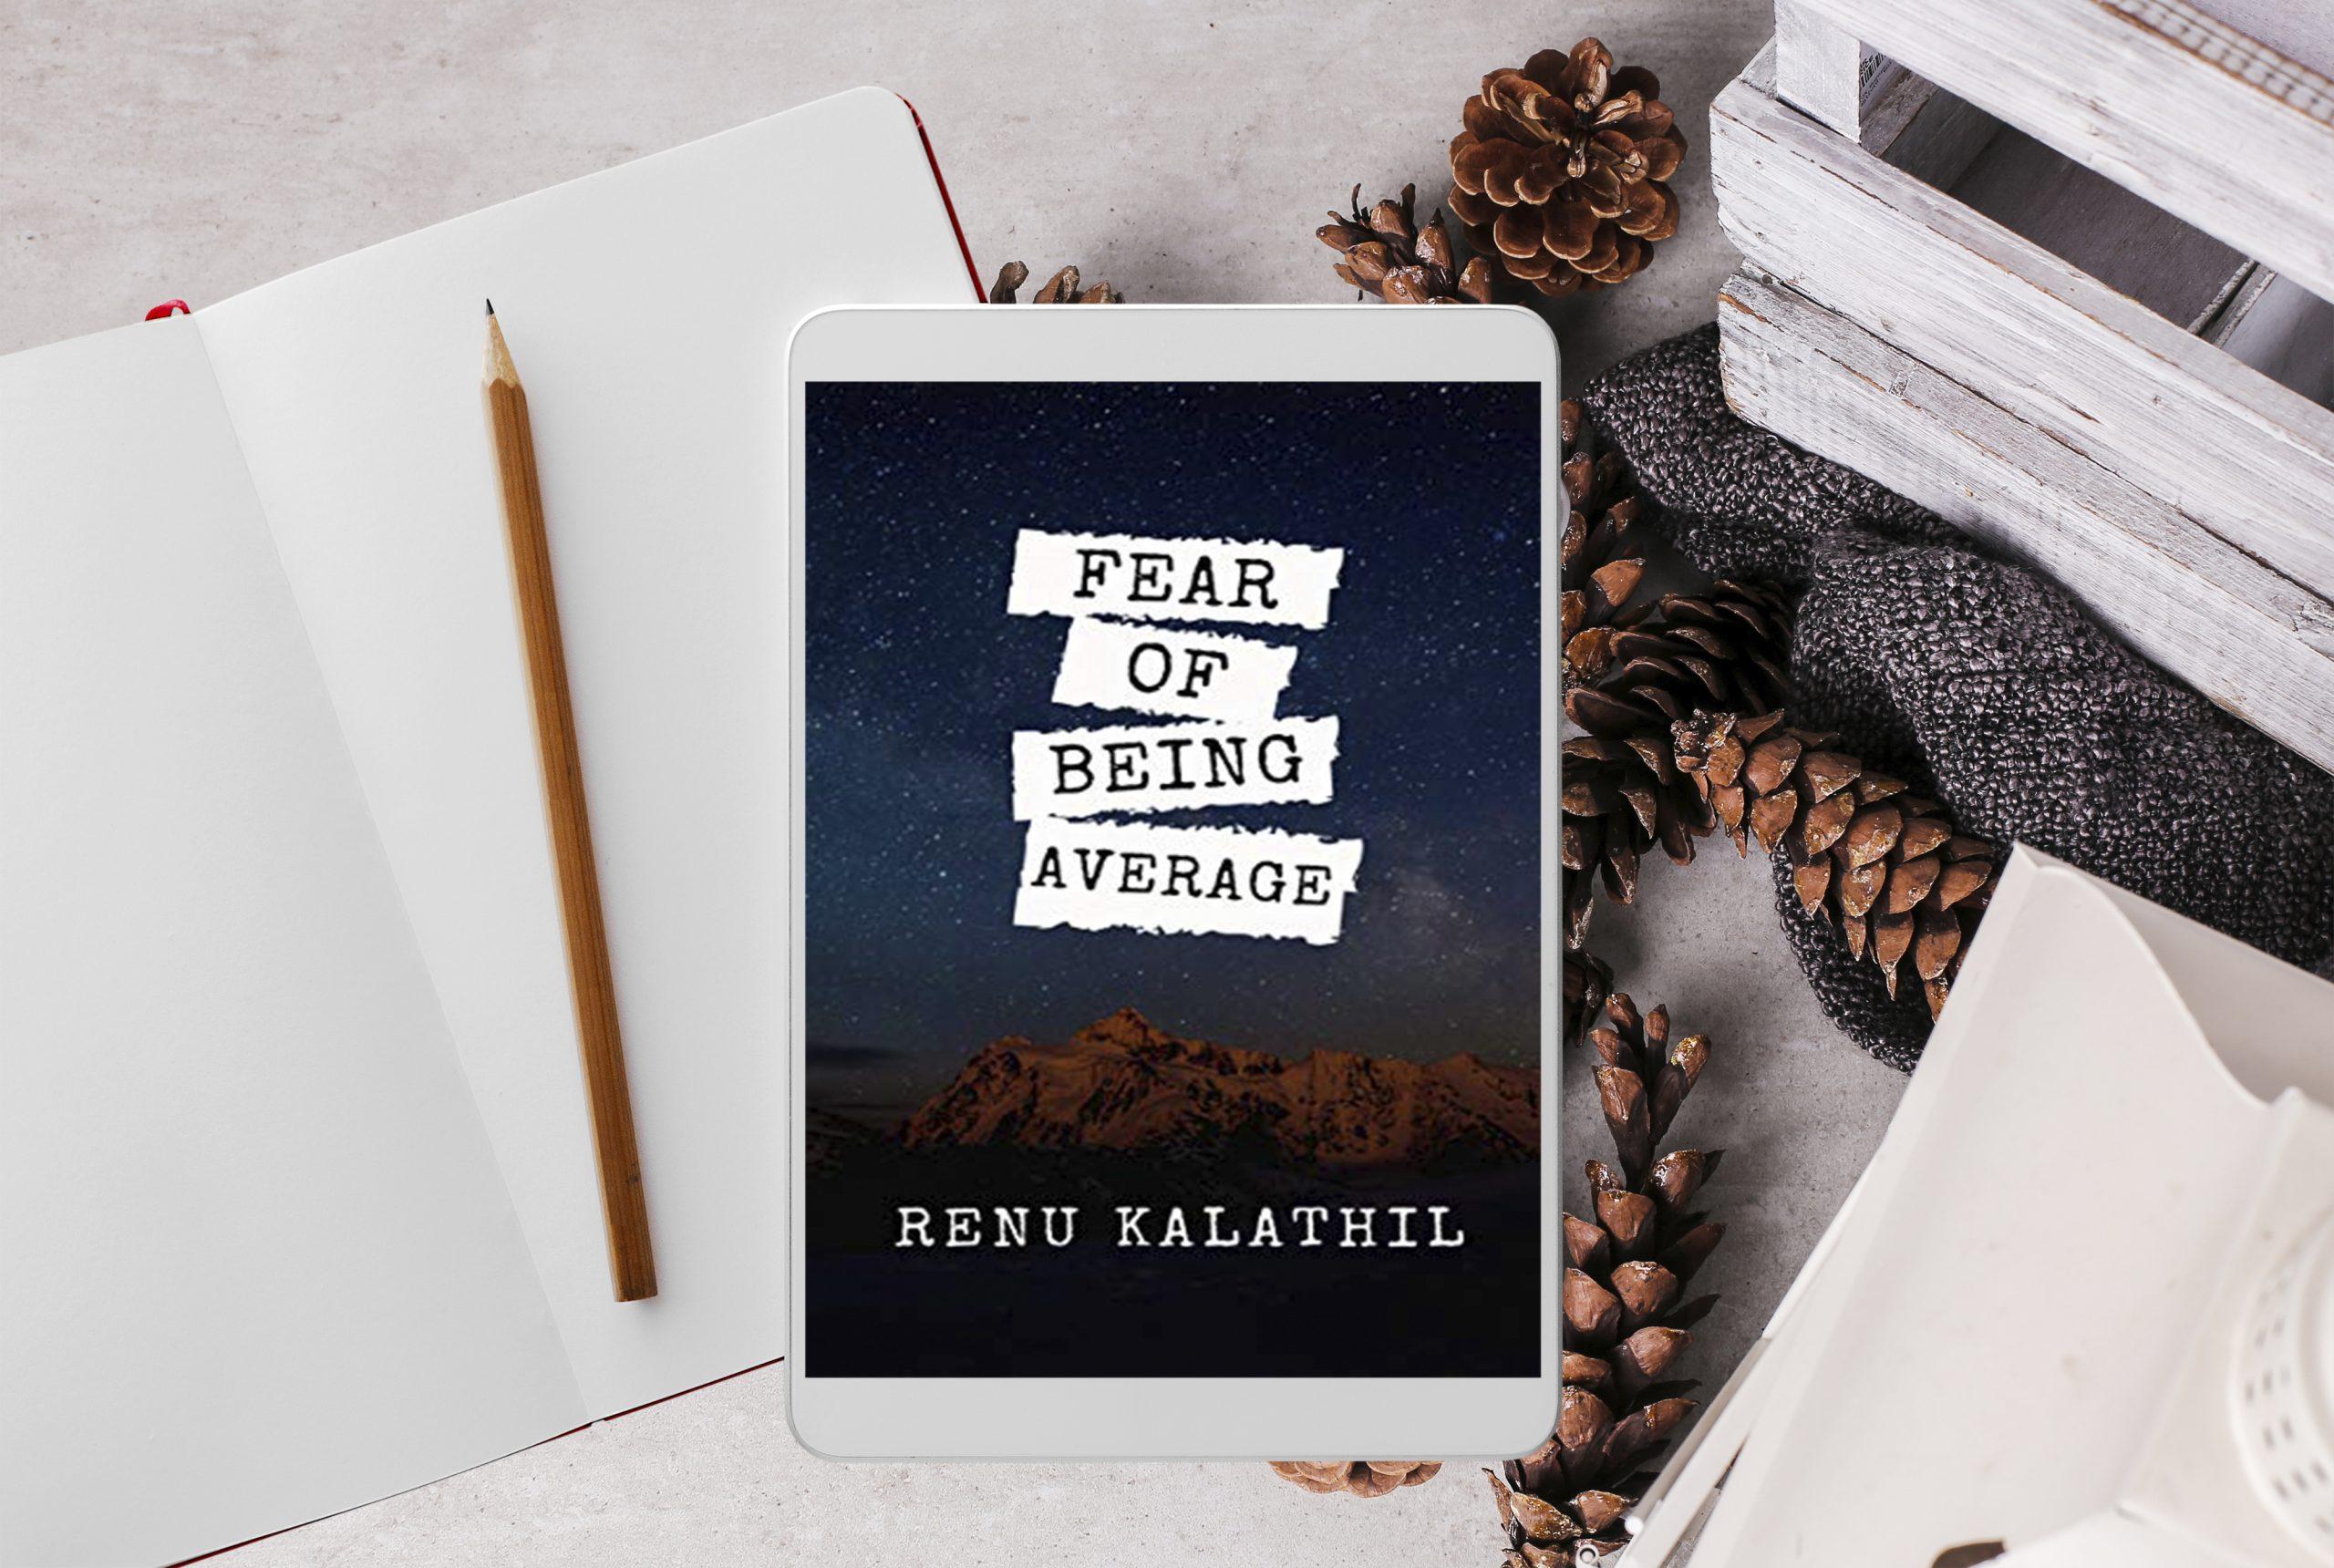 Fear Of Being Average by Renu Kalathil